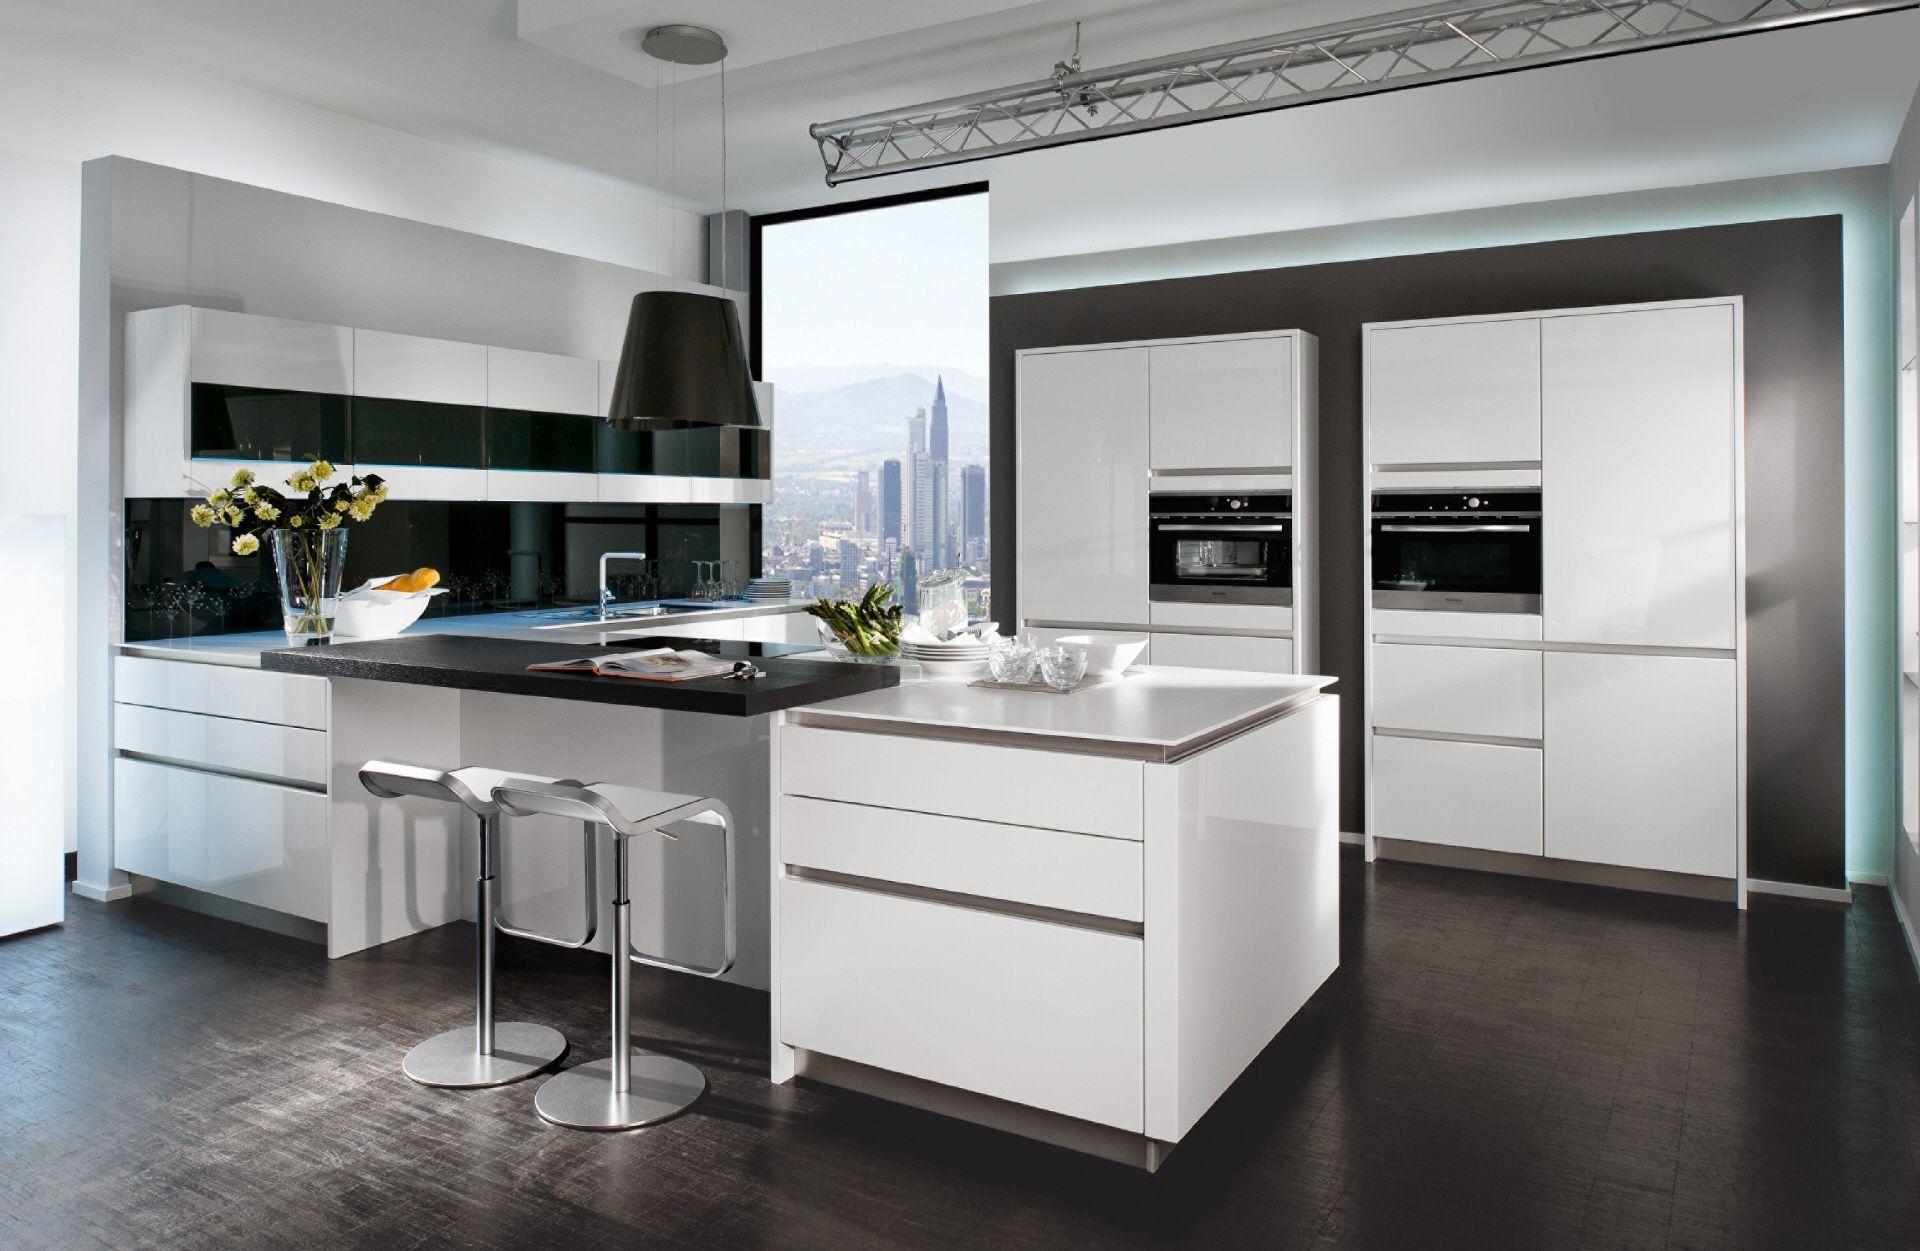 Wohnzimmer Ideen Ikea #3 | Küche | Pinterest | Wohnzimmer ideen ...